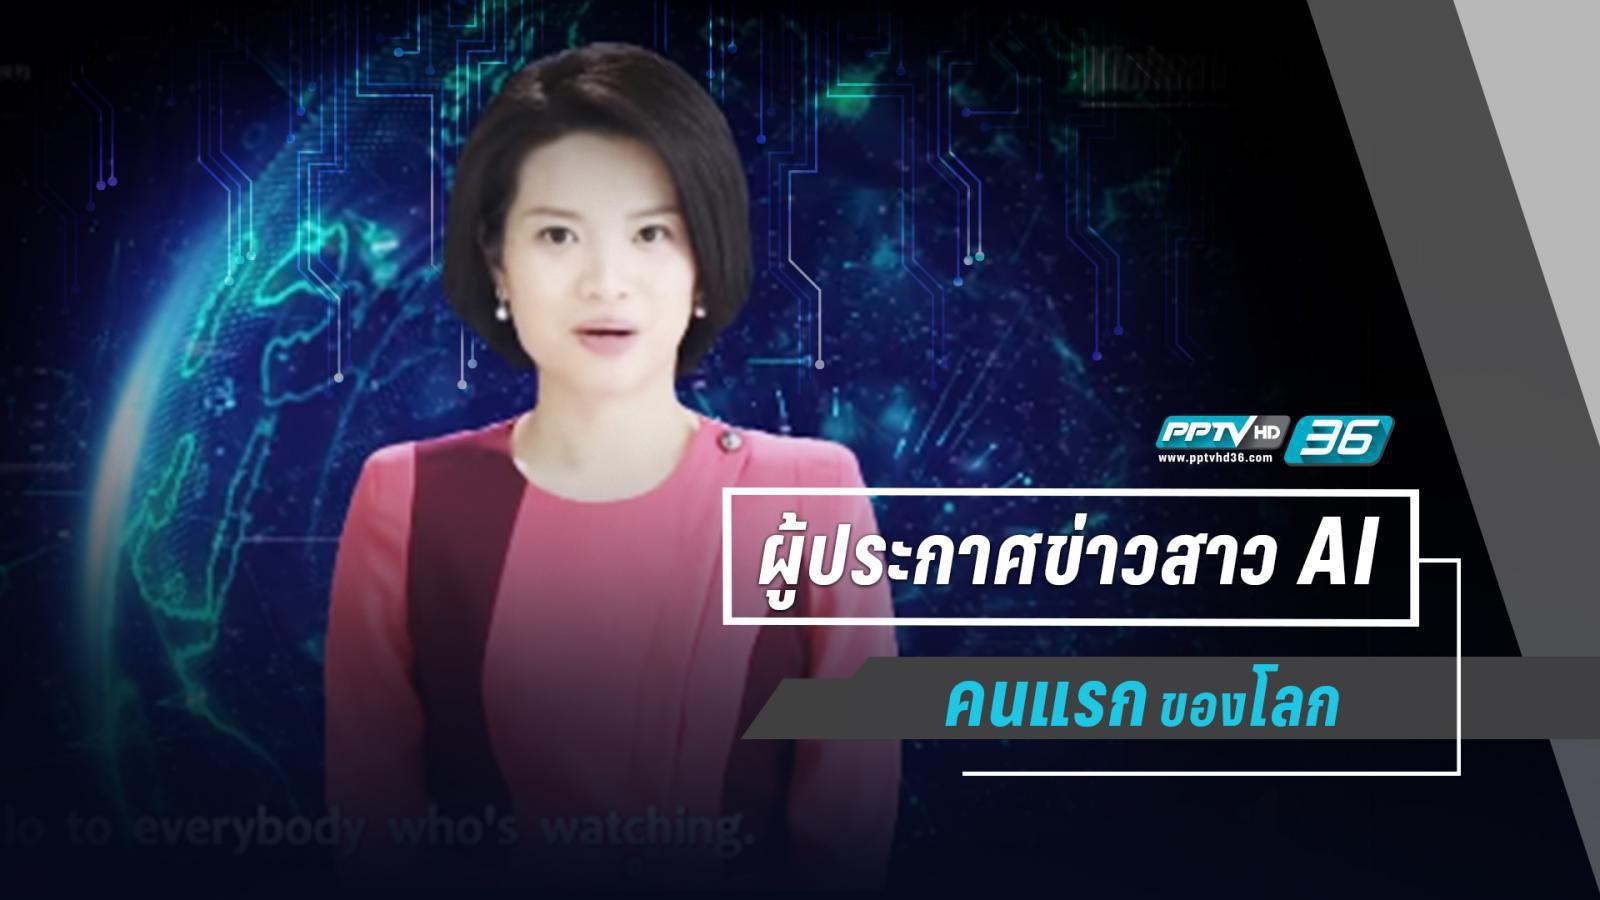 ผู้ประกาศสาว AI คนแรกของโลก